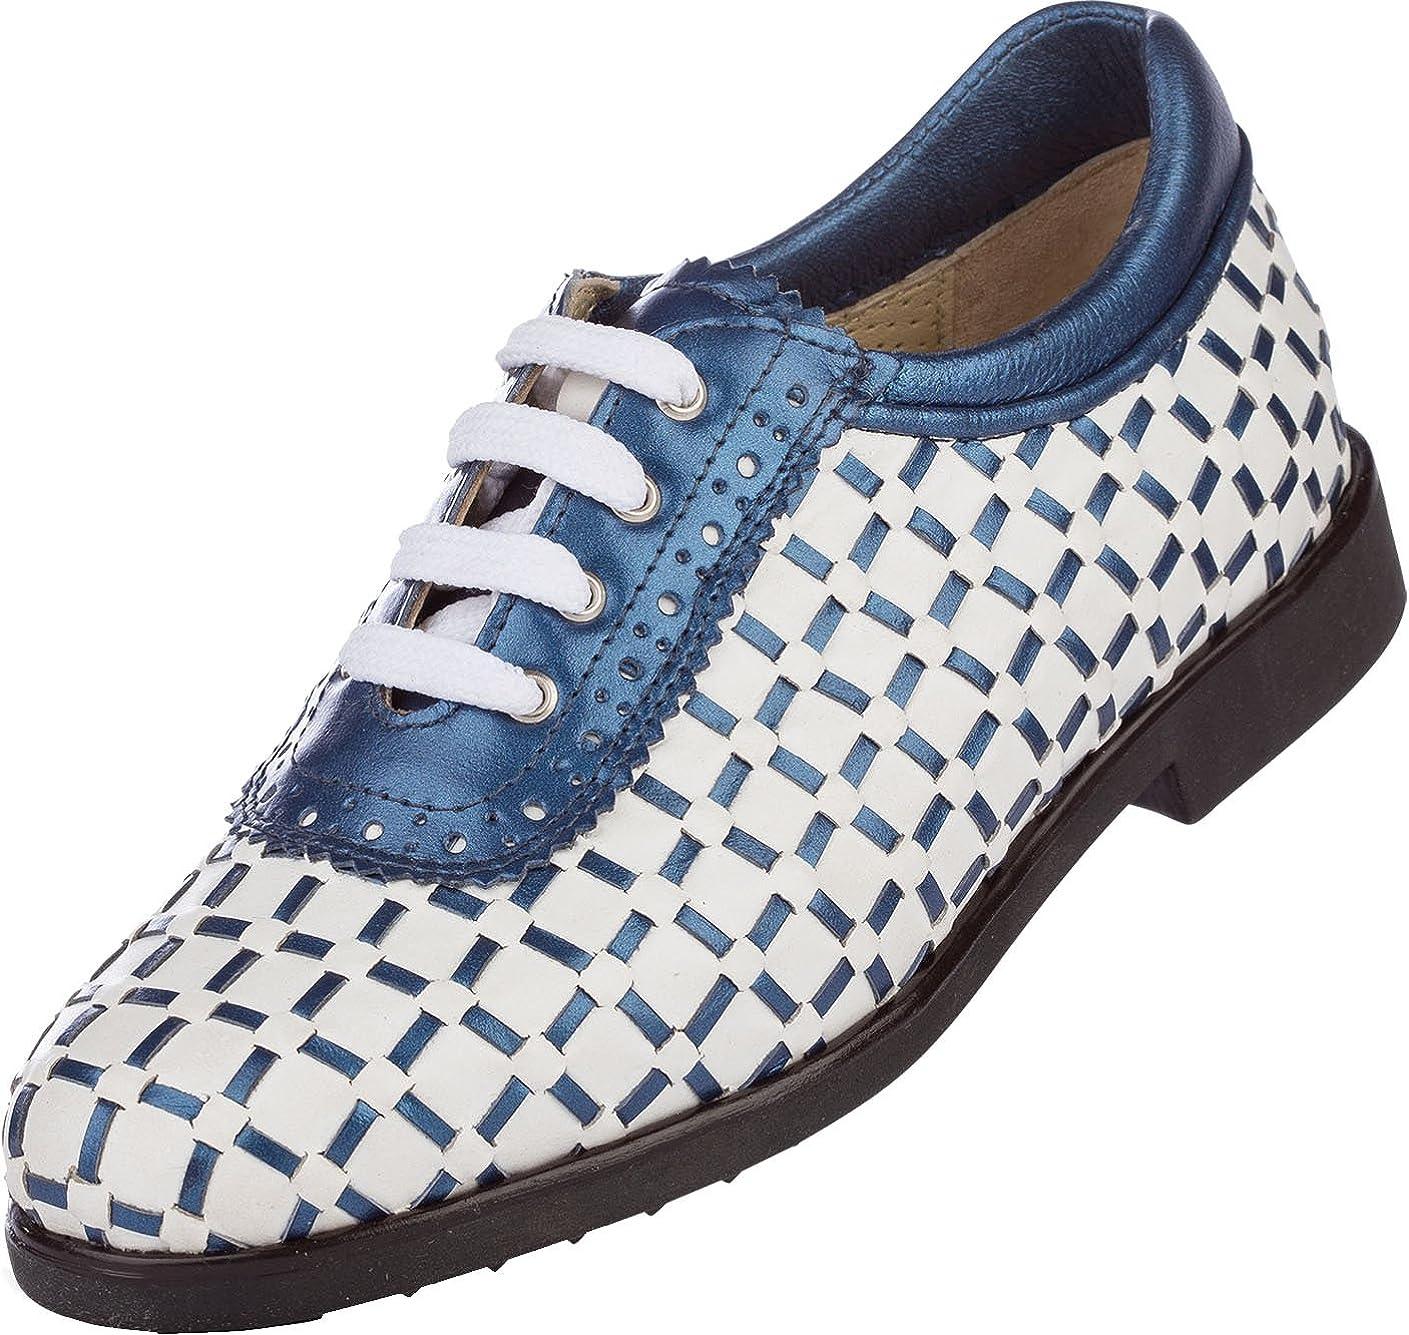 buy best look good shoes sale authentic AerogreeN PAVIA (White/Blue-metallic, White/Gold-metallic, White ...